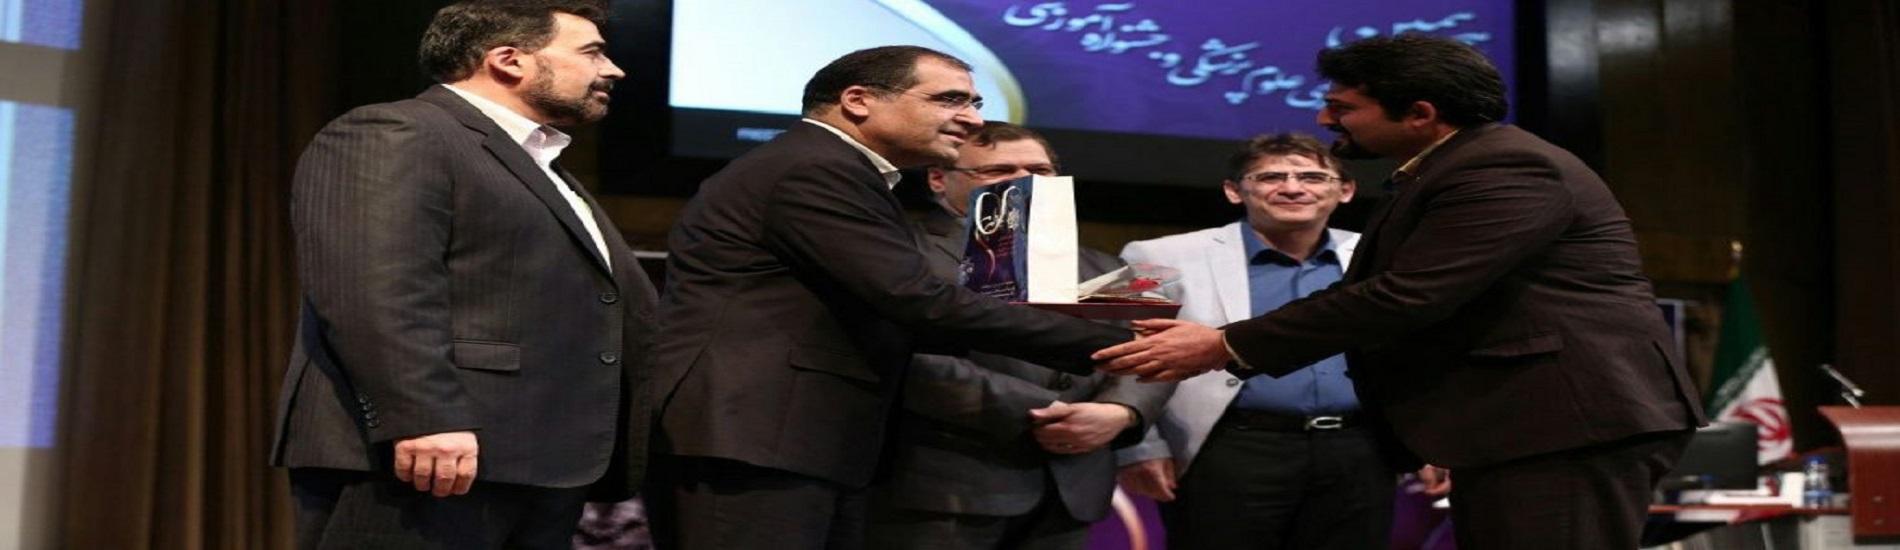 تقدیر وزیر بهداشت از استاد برتر کشور و مخترع دندان های مصنوعی در جشنواره کشوری شهید مطهری اردیبهشت ۹۶